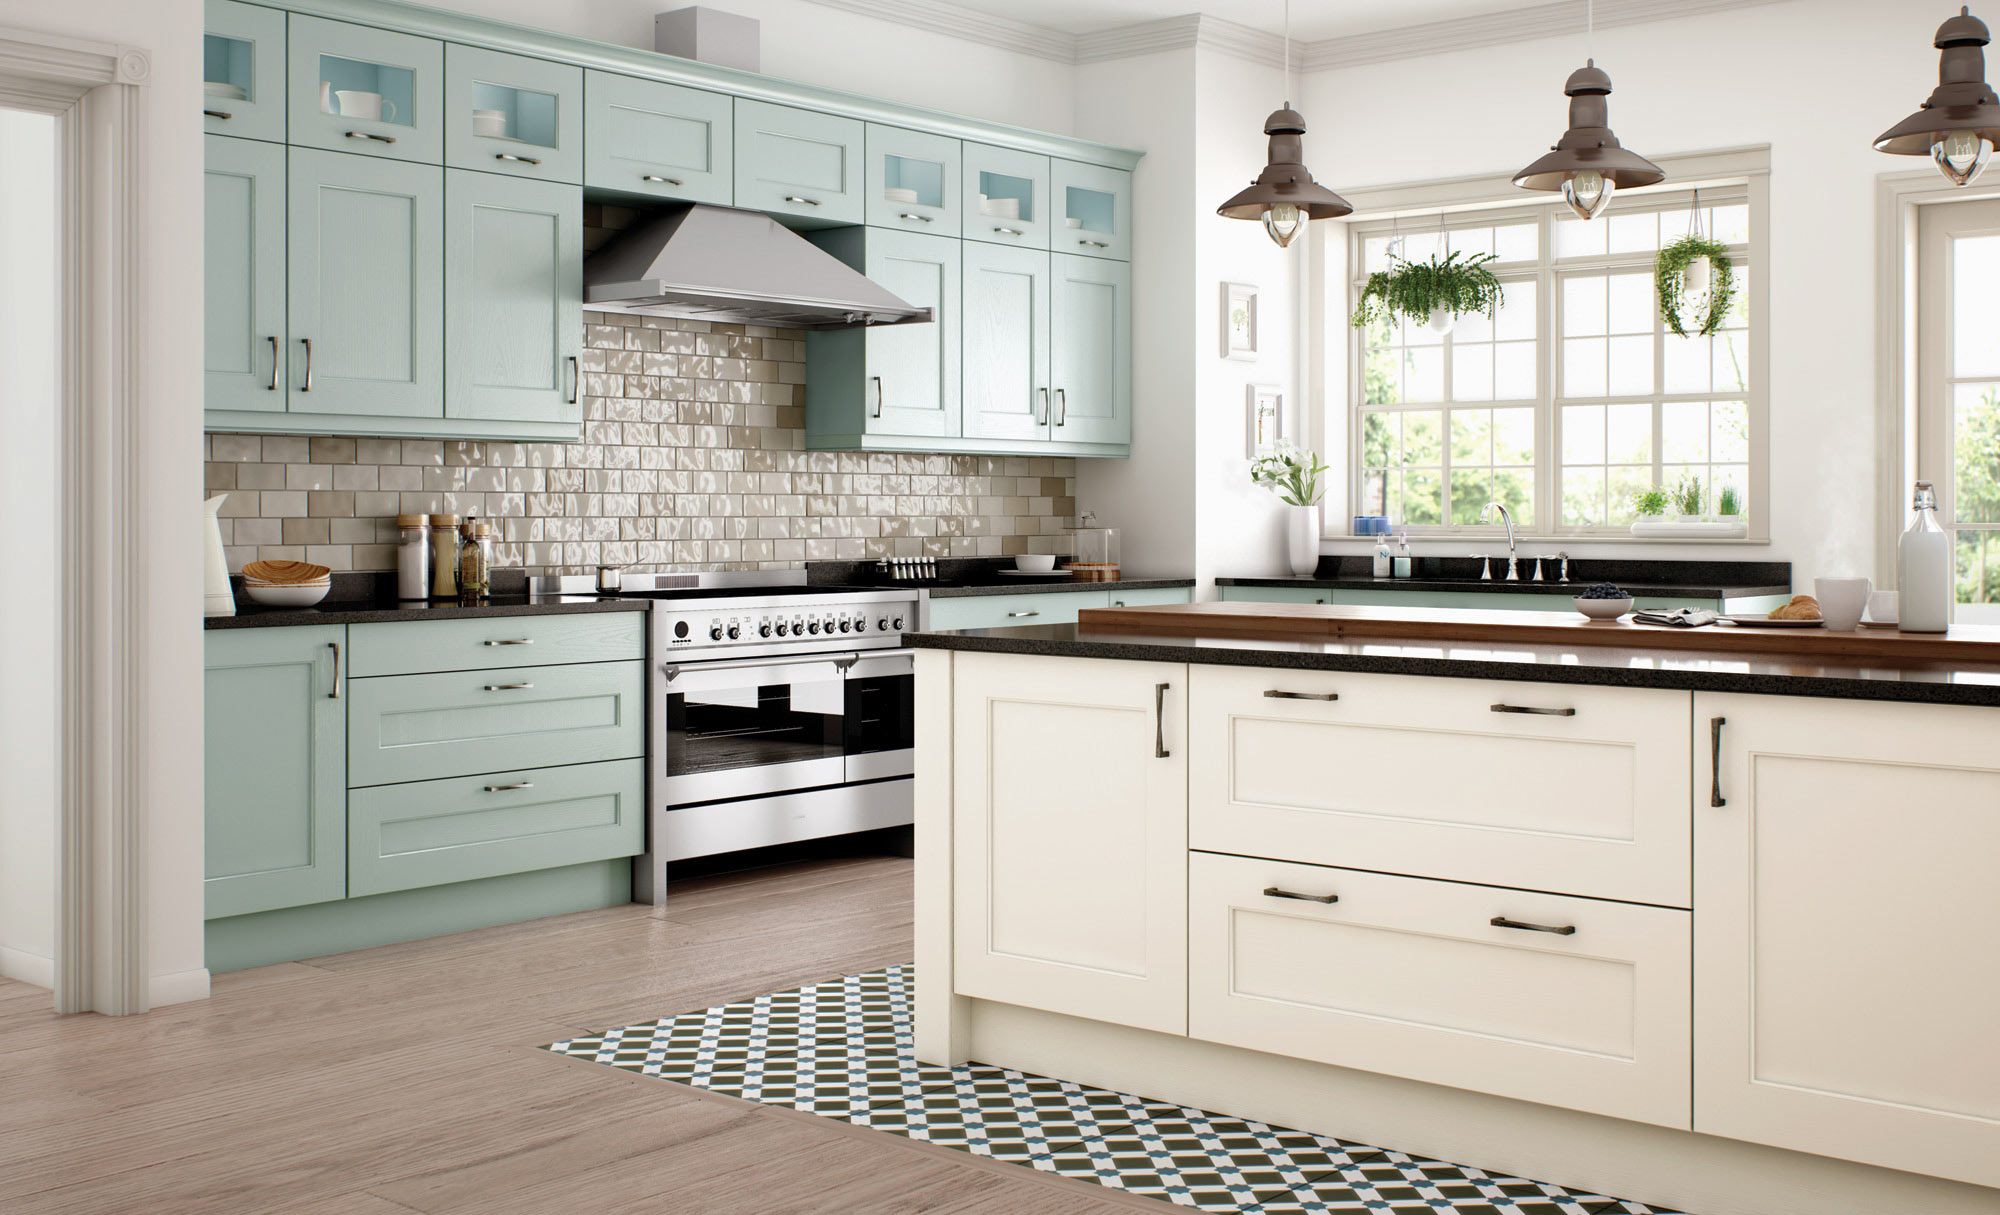 Uform Wakefield Ivory & Powder Blue Kitchen